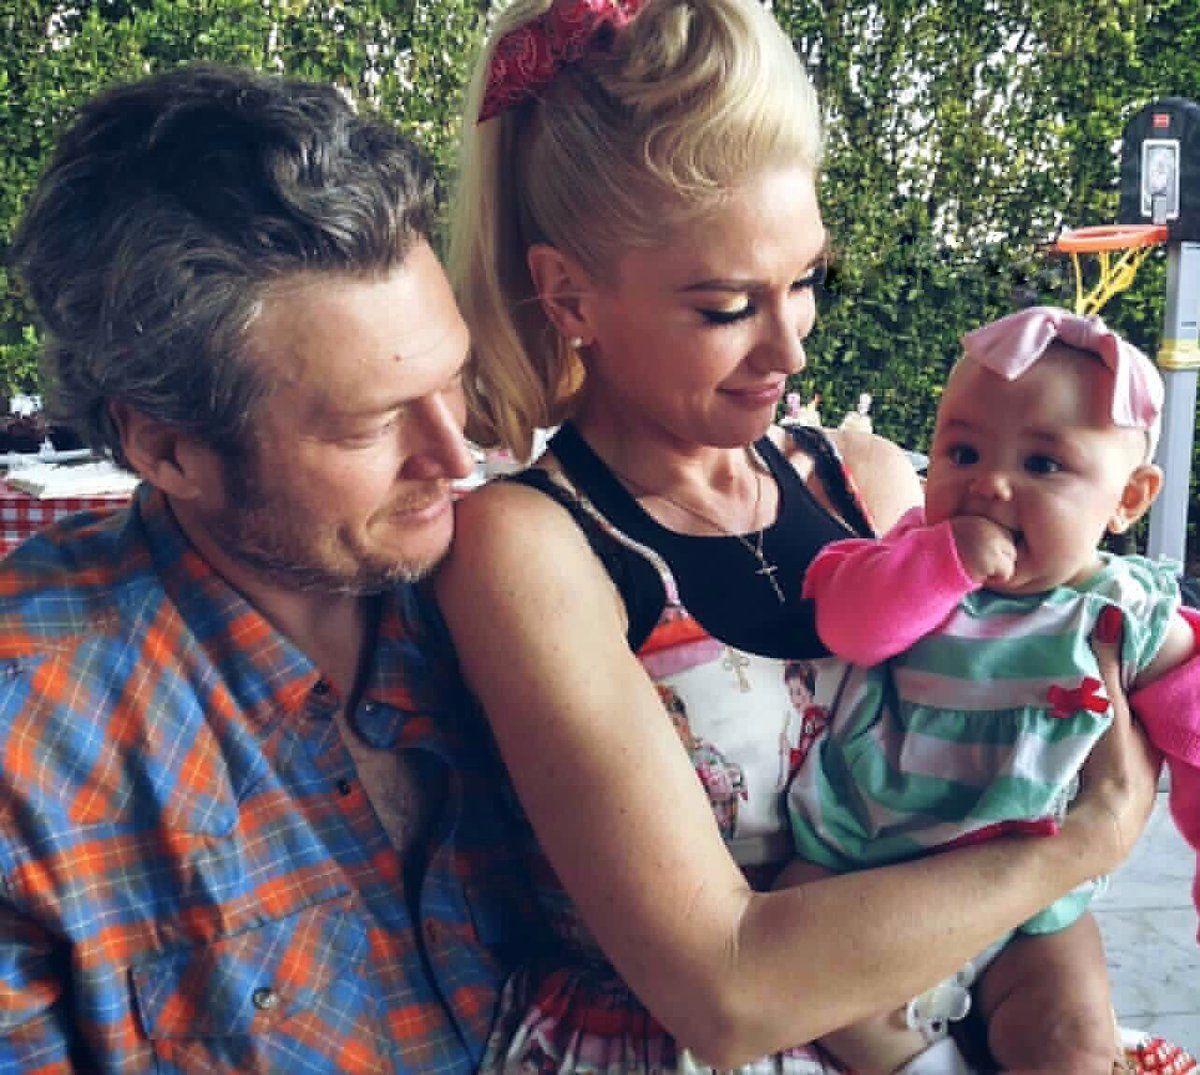 Pin on Blake and Gwen